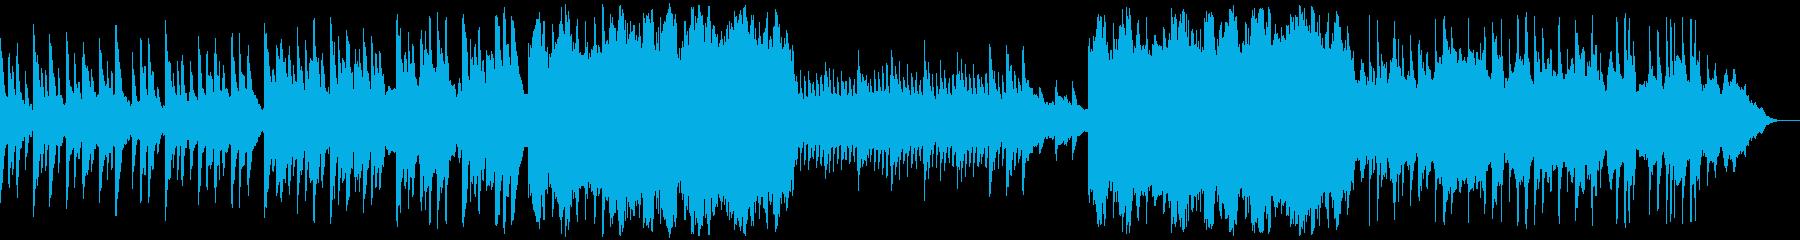 凛と上品なハープが印象的な寂しげな音楽の再生済みの波形